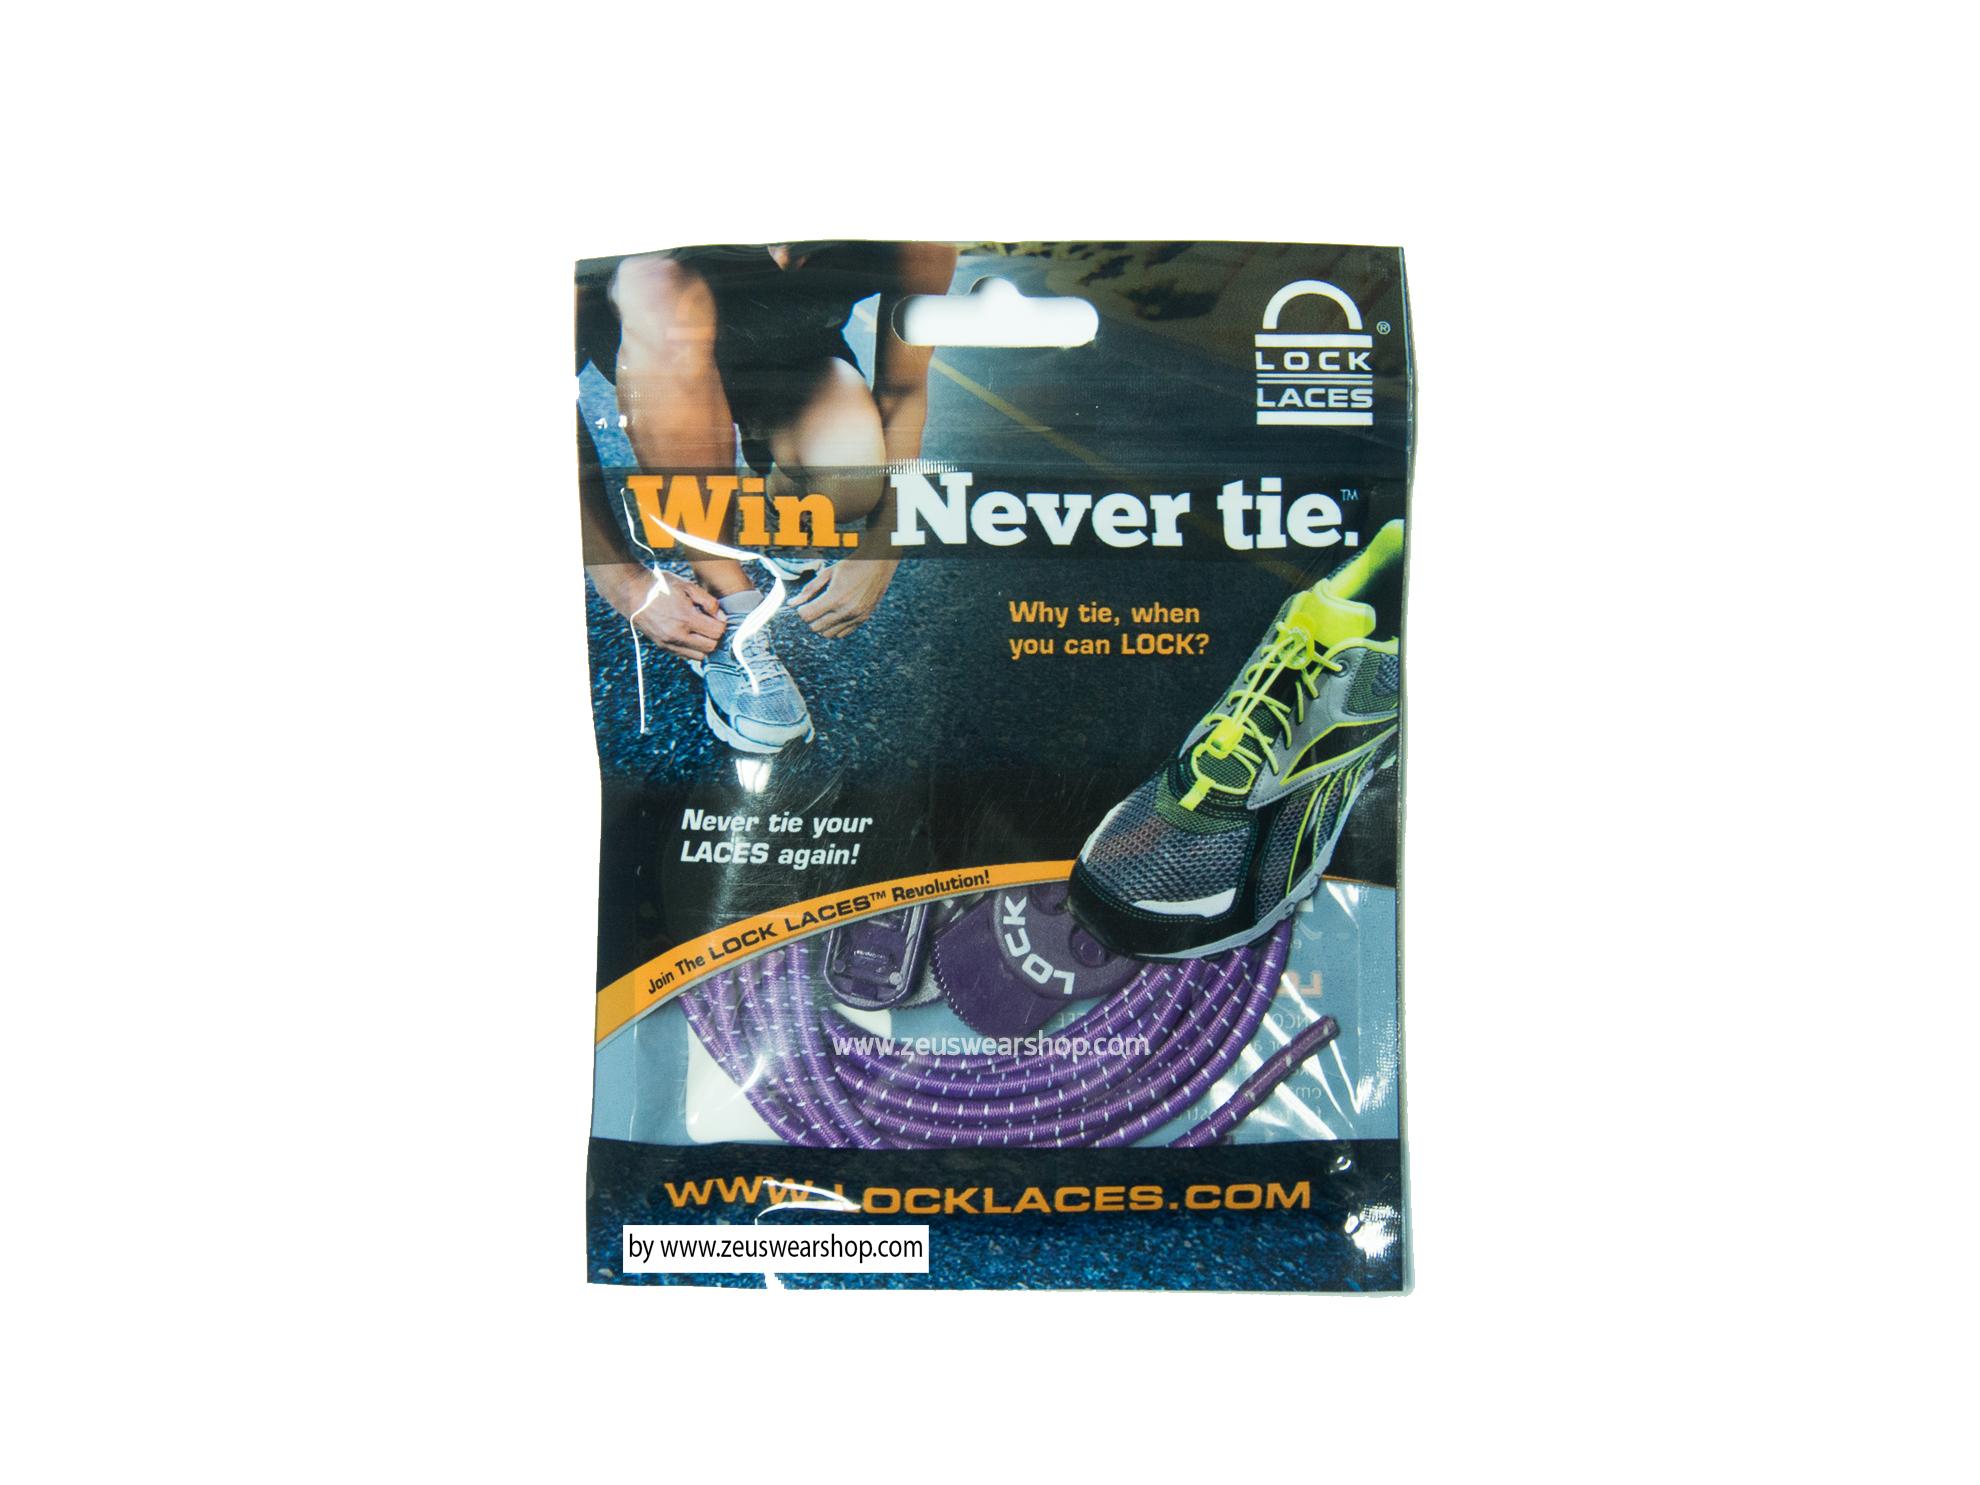 เชือกรองเท้าวิ่ง LOCK LACES สีม่วง ล็อคแน่น ไม่ต้องผูกเชือกรองเท้า